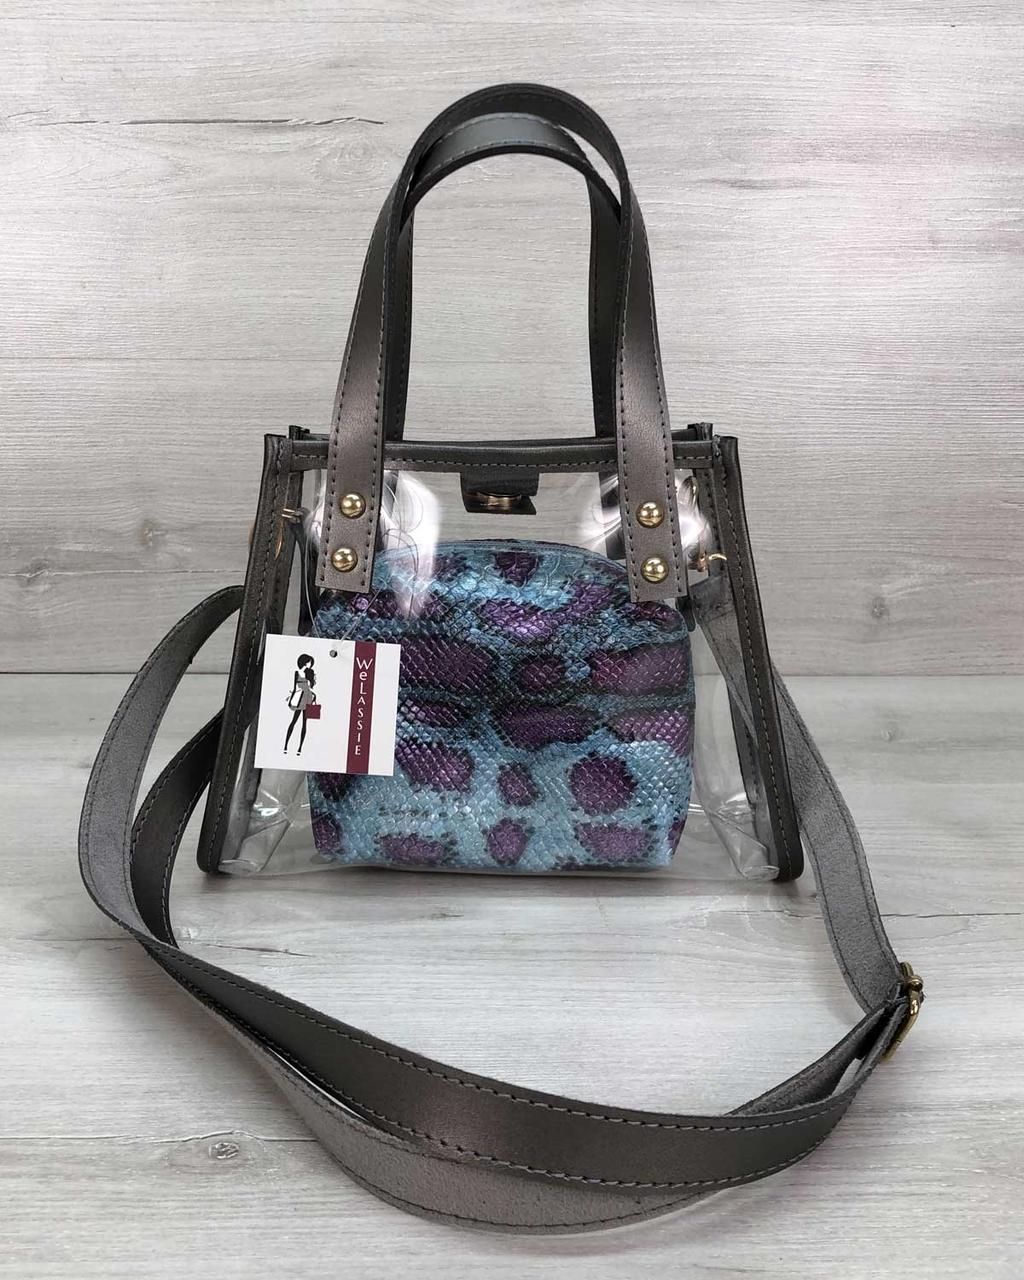 Cумка женская молодежная прозрачная «Aster» синяя силикон, летняя модная сумка силиконовая